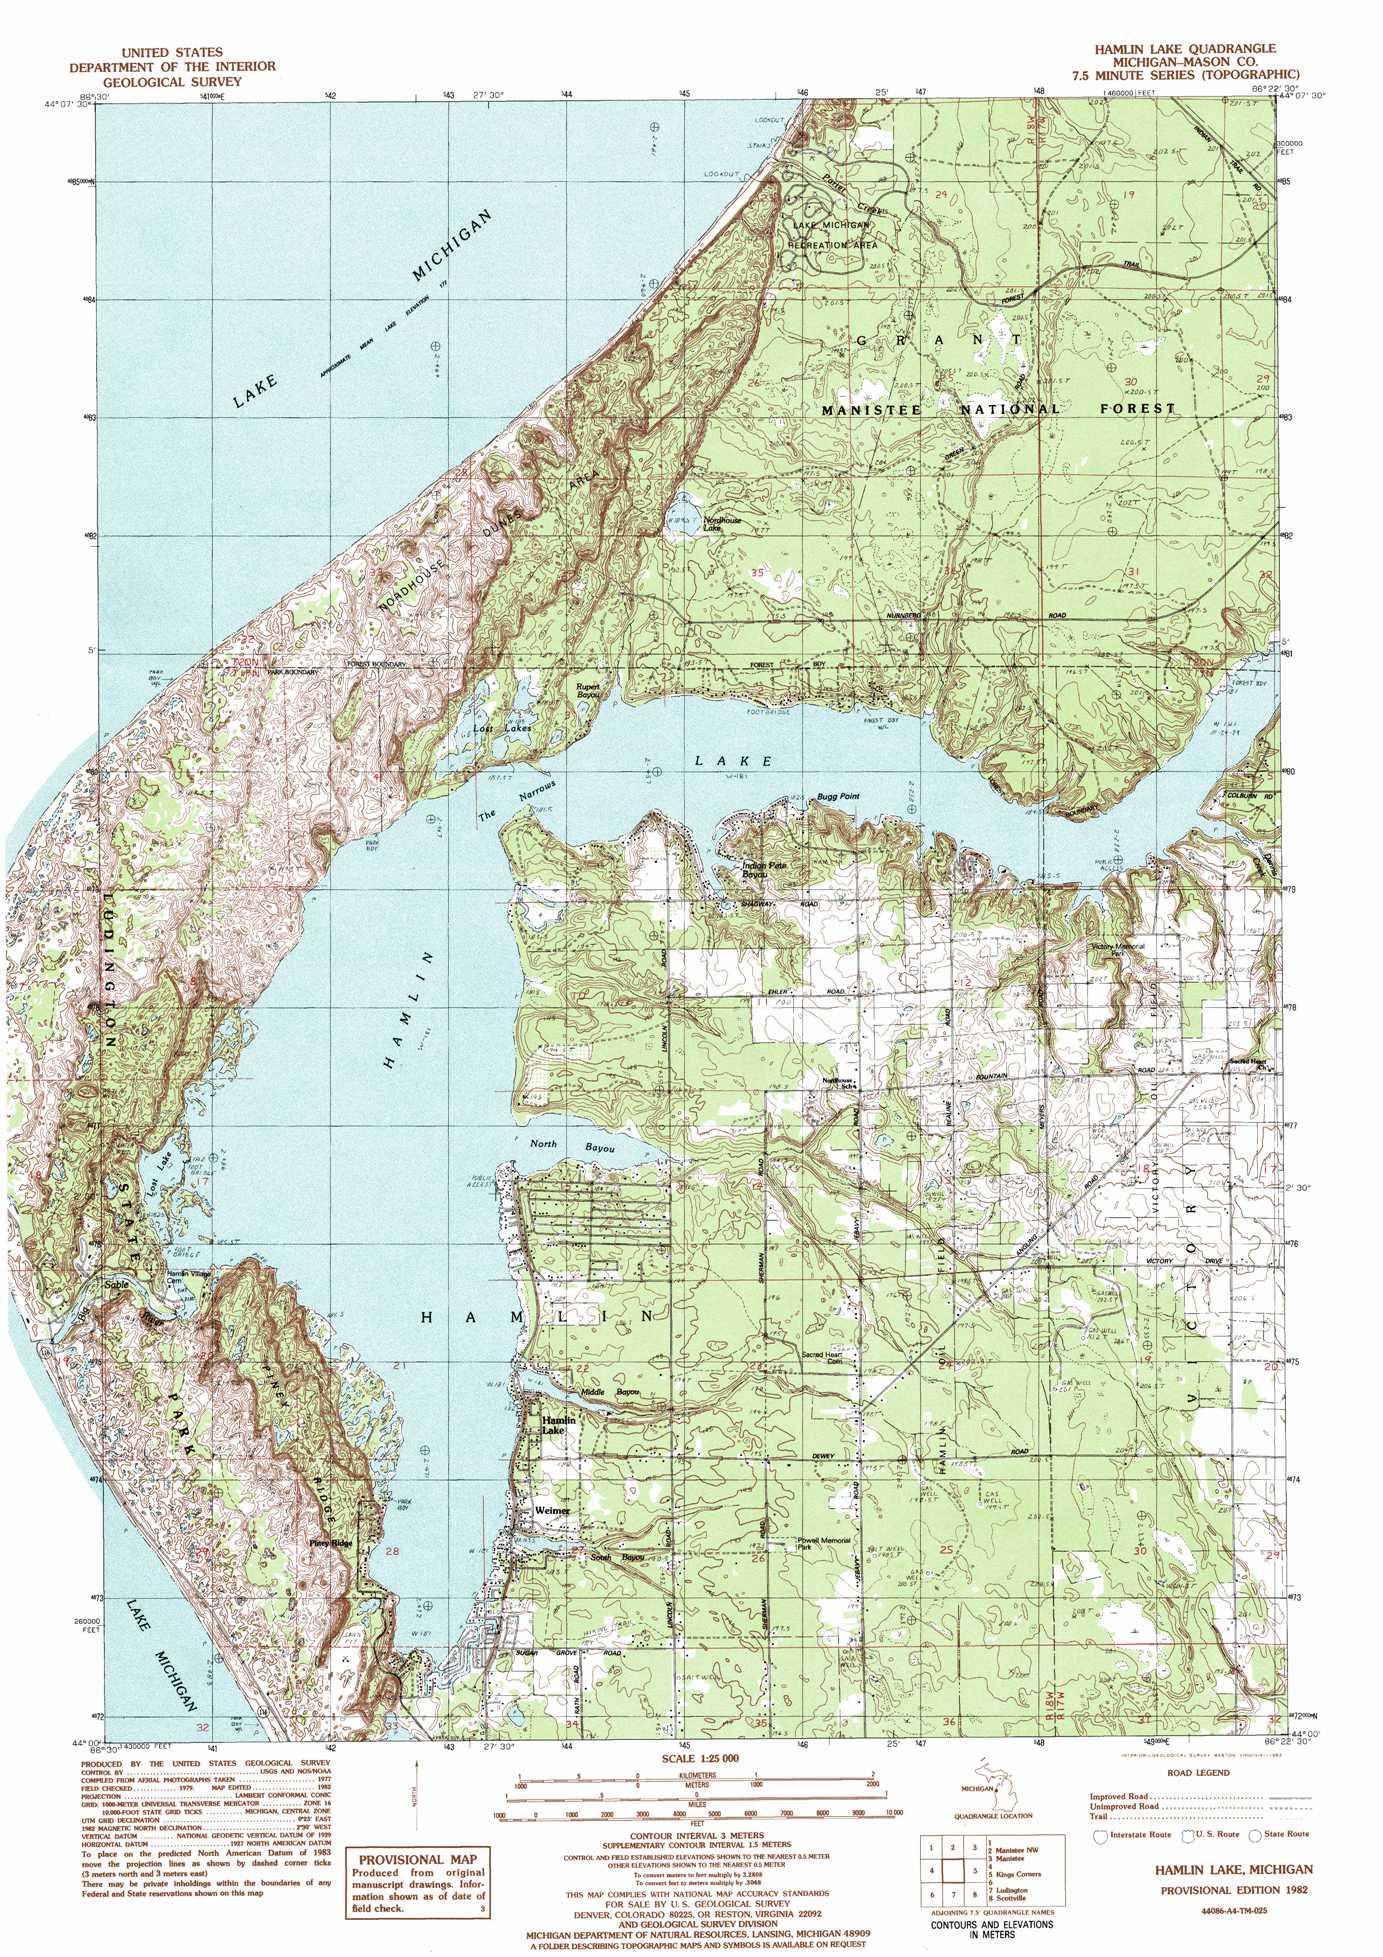 Hamlin Lake topographic map MI USGS Topo Quad 44086a4